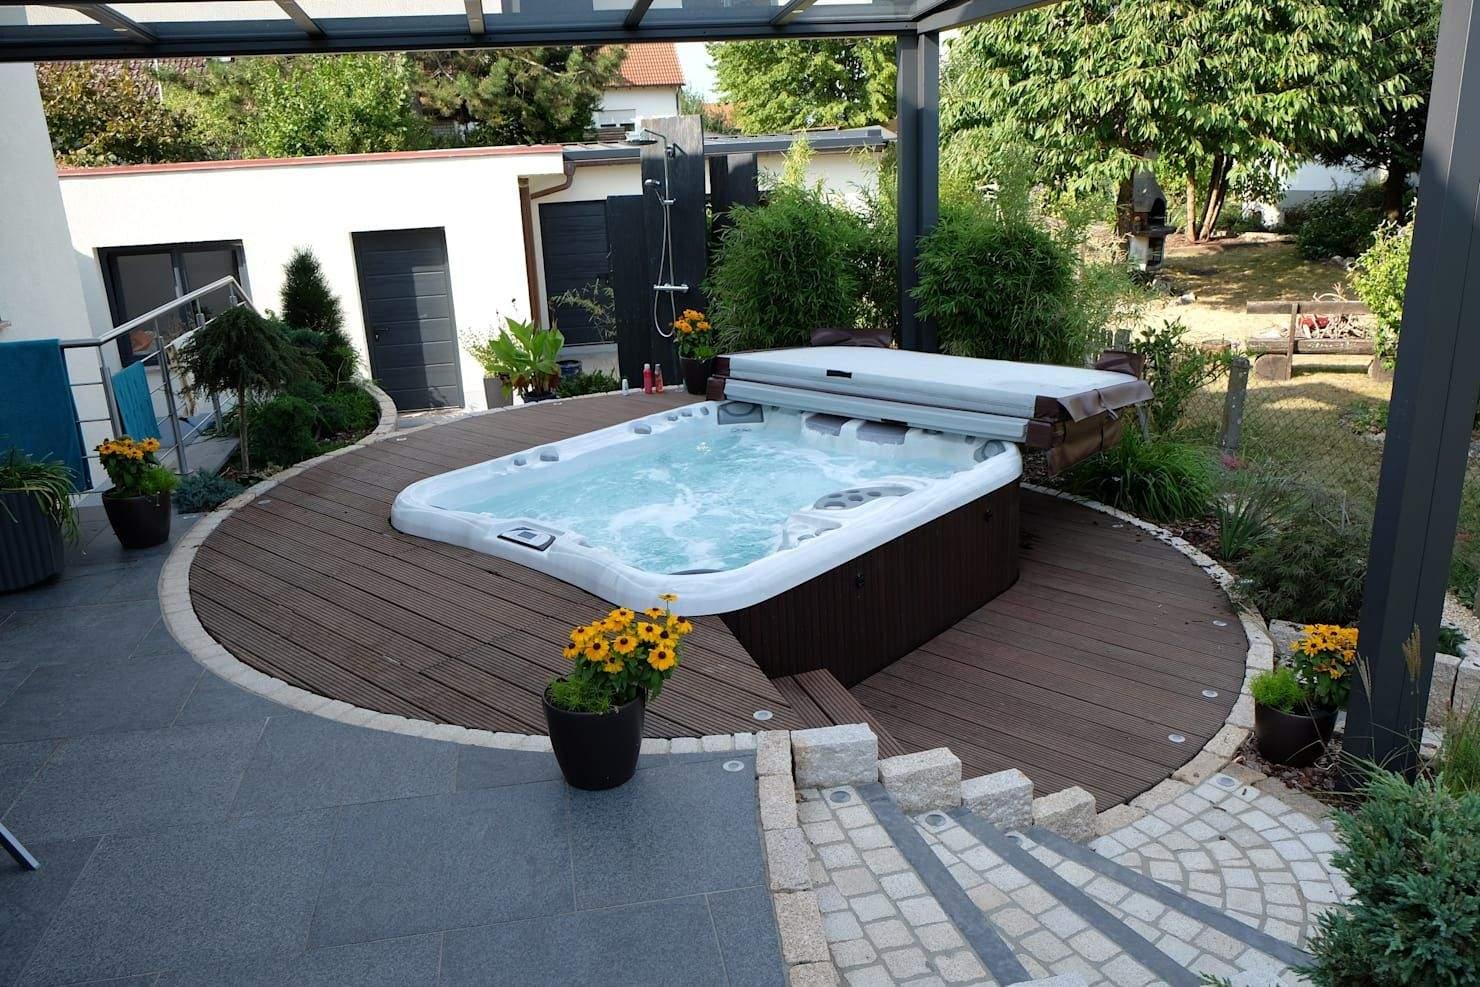 Garten Jacuzzi Schön 22 Mini Pools Sich Fantastisch In Deinem Garten Machen